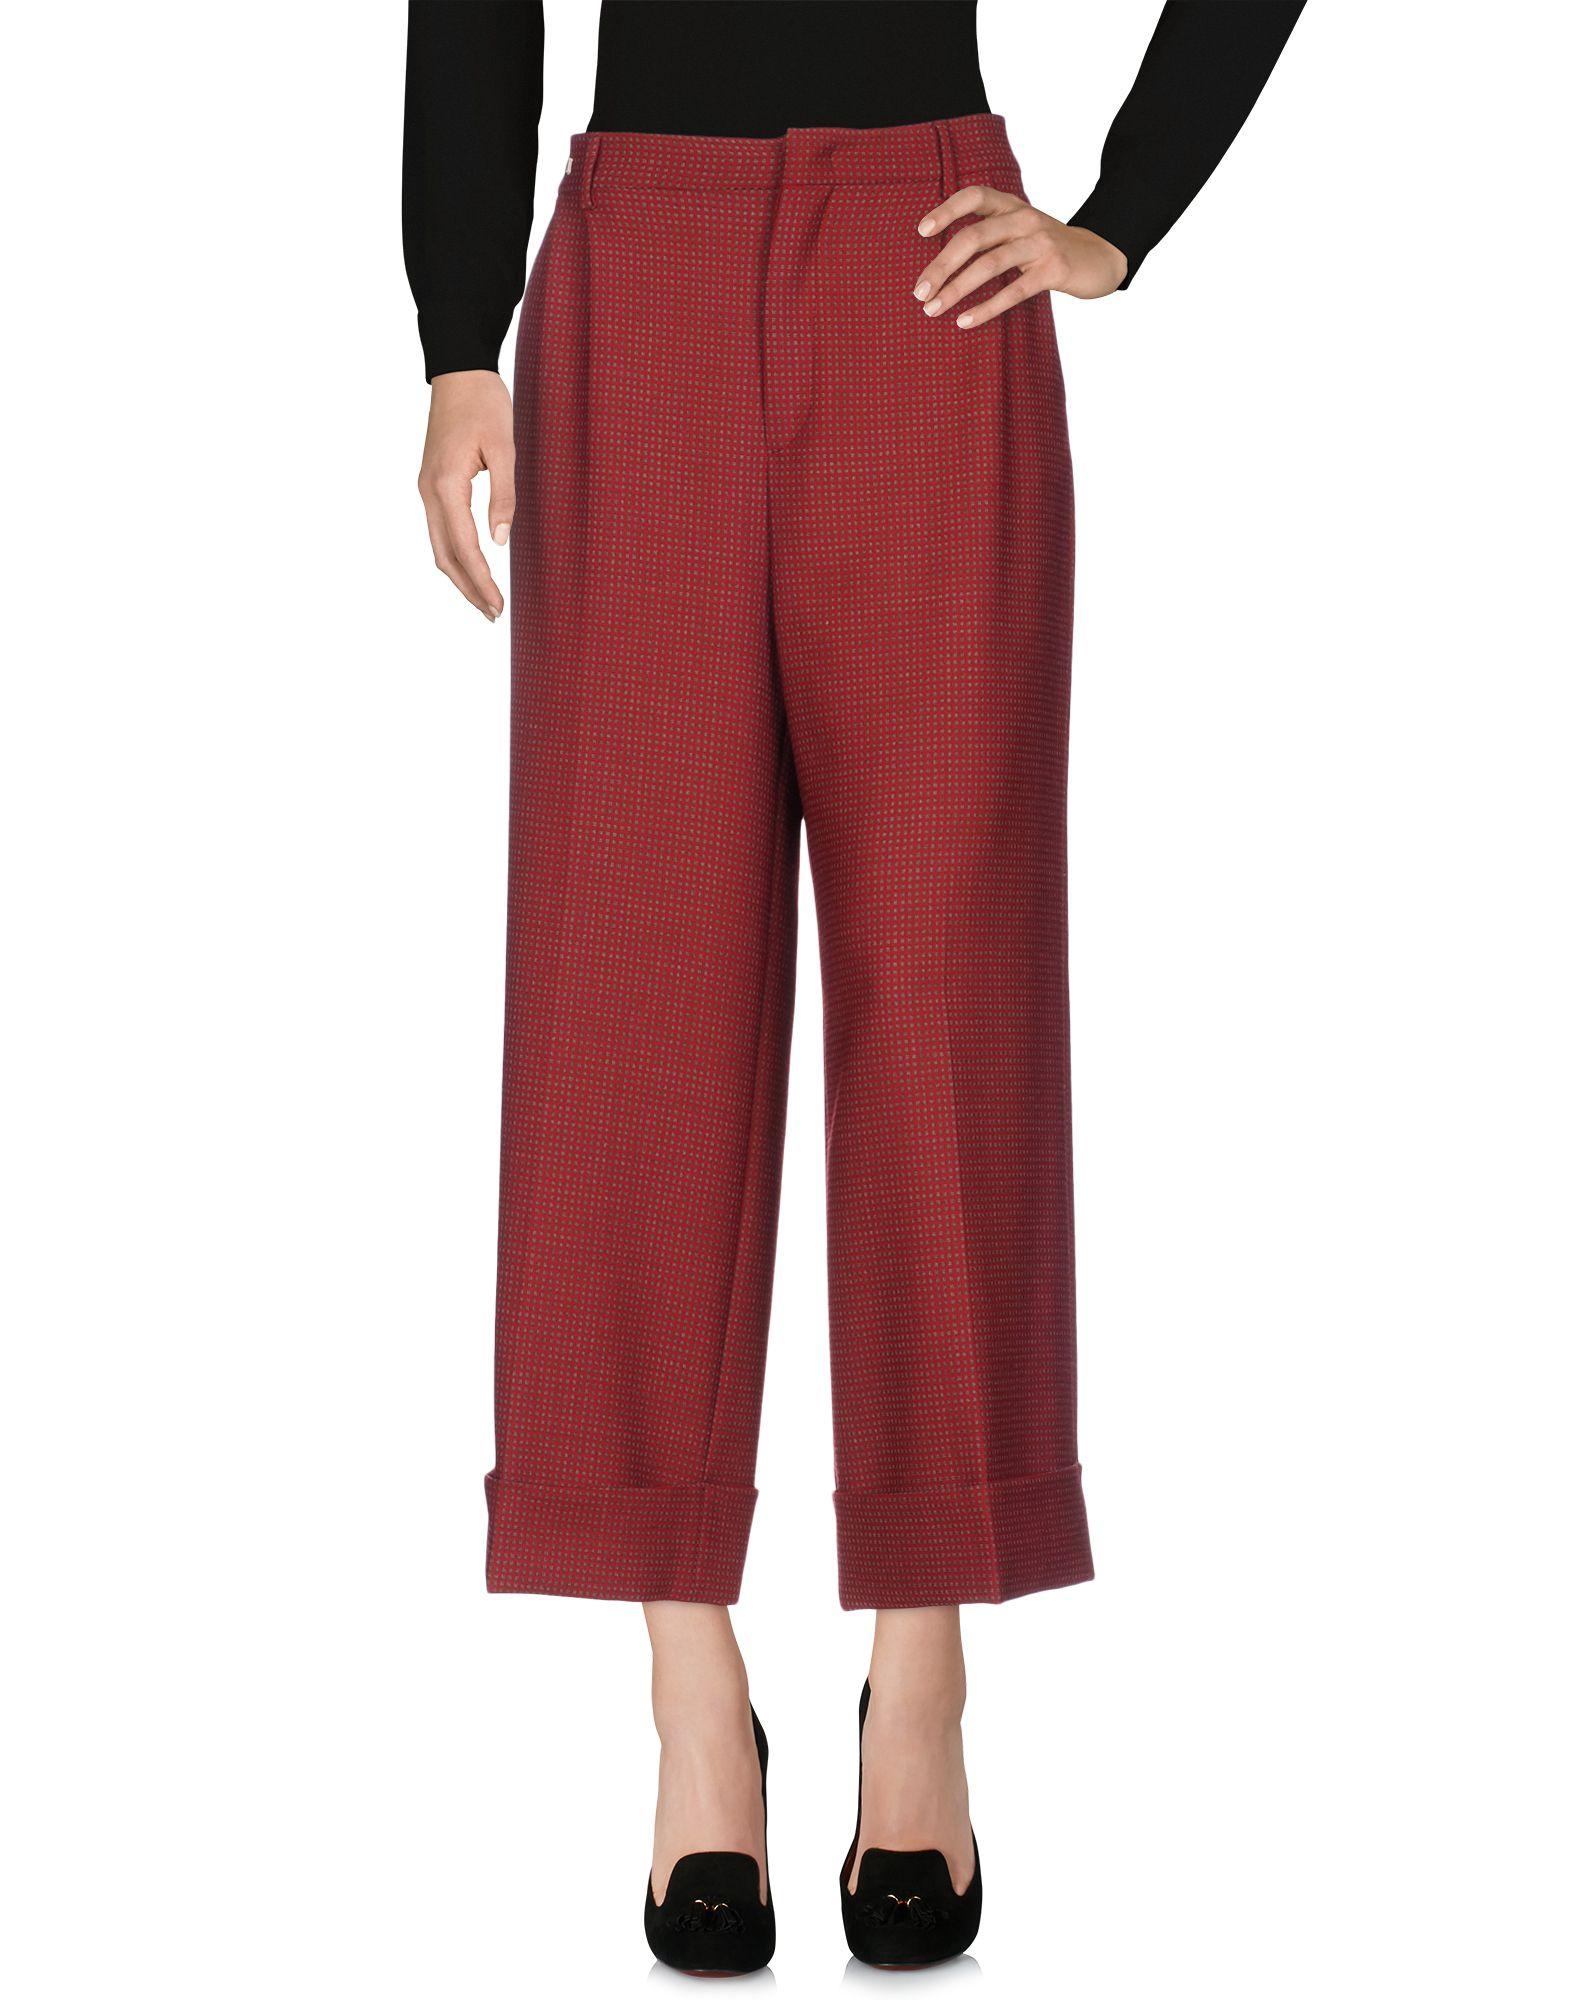 BERWICH Повседневные брюки брюки широкие с принтом в клетку виши